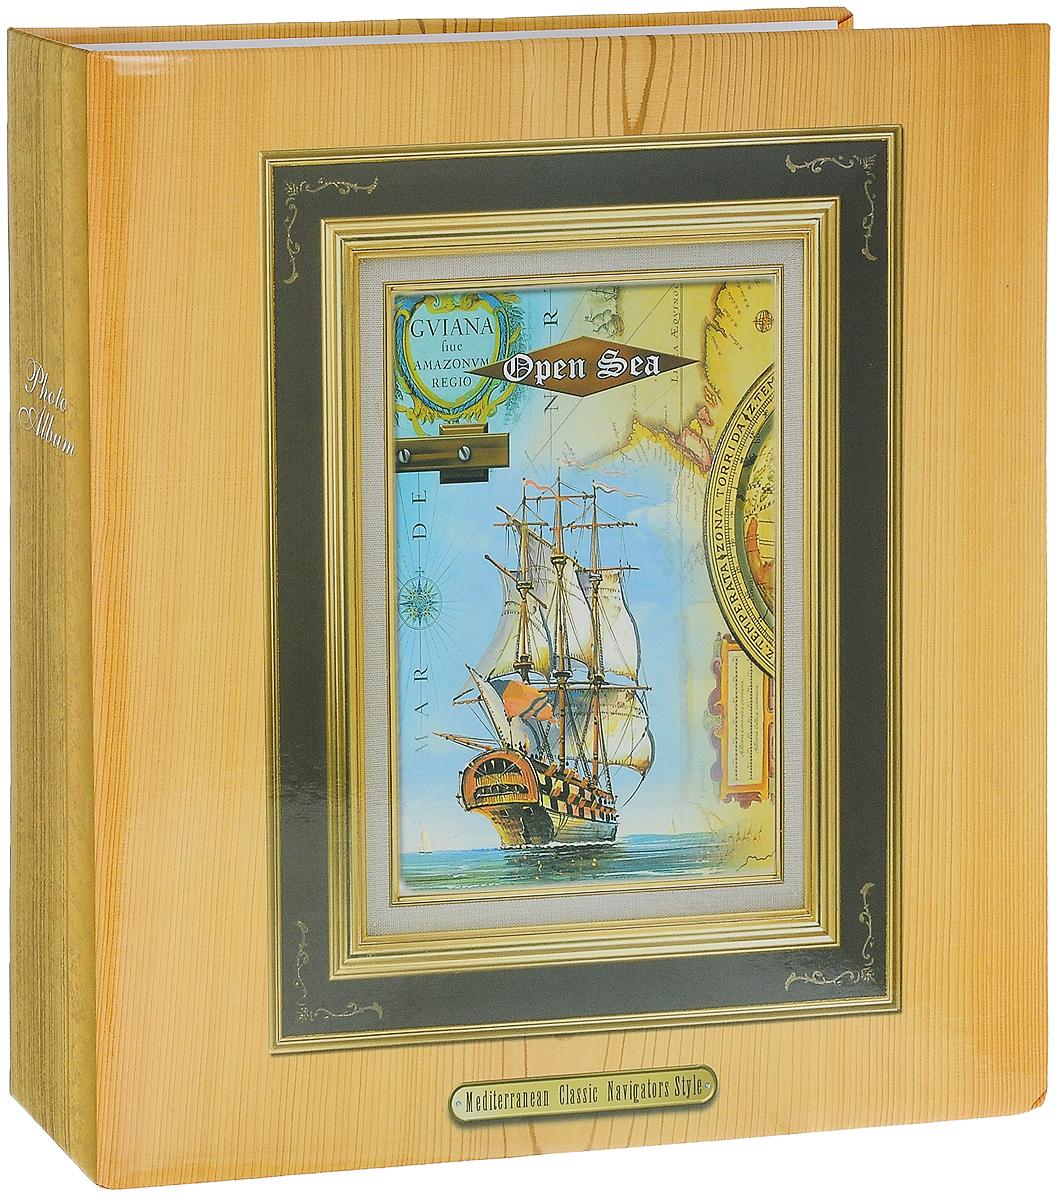 Фотоальбом Big Dog Open Sea, 500 фотографий, 10 х 15 см12838 AV46500 3-OФотоальбом Big Dog Open Sea поможет красиво оформить ваши фотографии. Обложка выполнена из толстого картона. Внутри содержится блок из 50 белых листов с фиксаторами-окошками из ПВХ. Альбом рассчитан на 500 фотографий формата 10 х 15 см (по 5 фотографий на странице). Листы размещены на металлических кольцах. Нам всегда так приятно вспоминать о самых счастливых моментах жизни, запечатленных на фотографиях. Поэтому фотоальбом является универсальным подарком к любому празднику. Количество листов: 50.